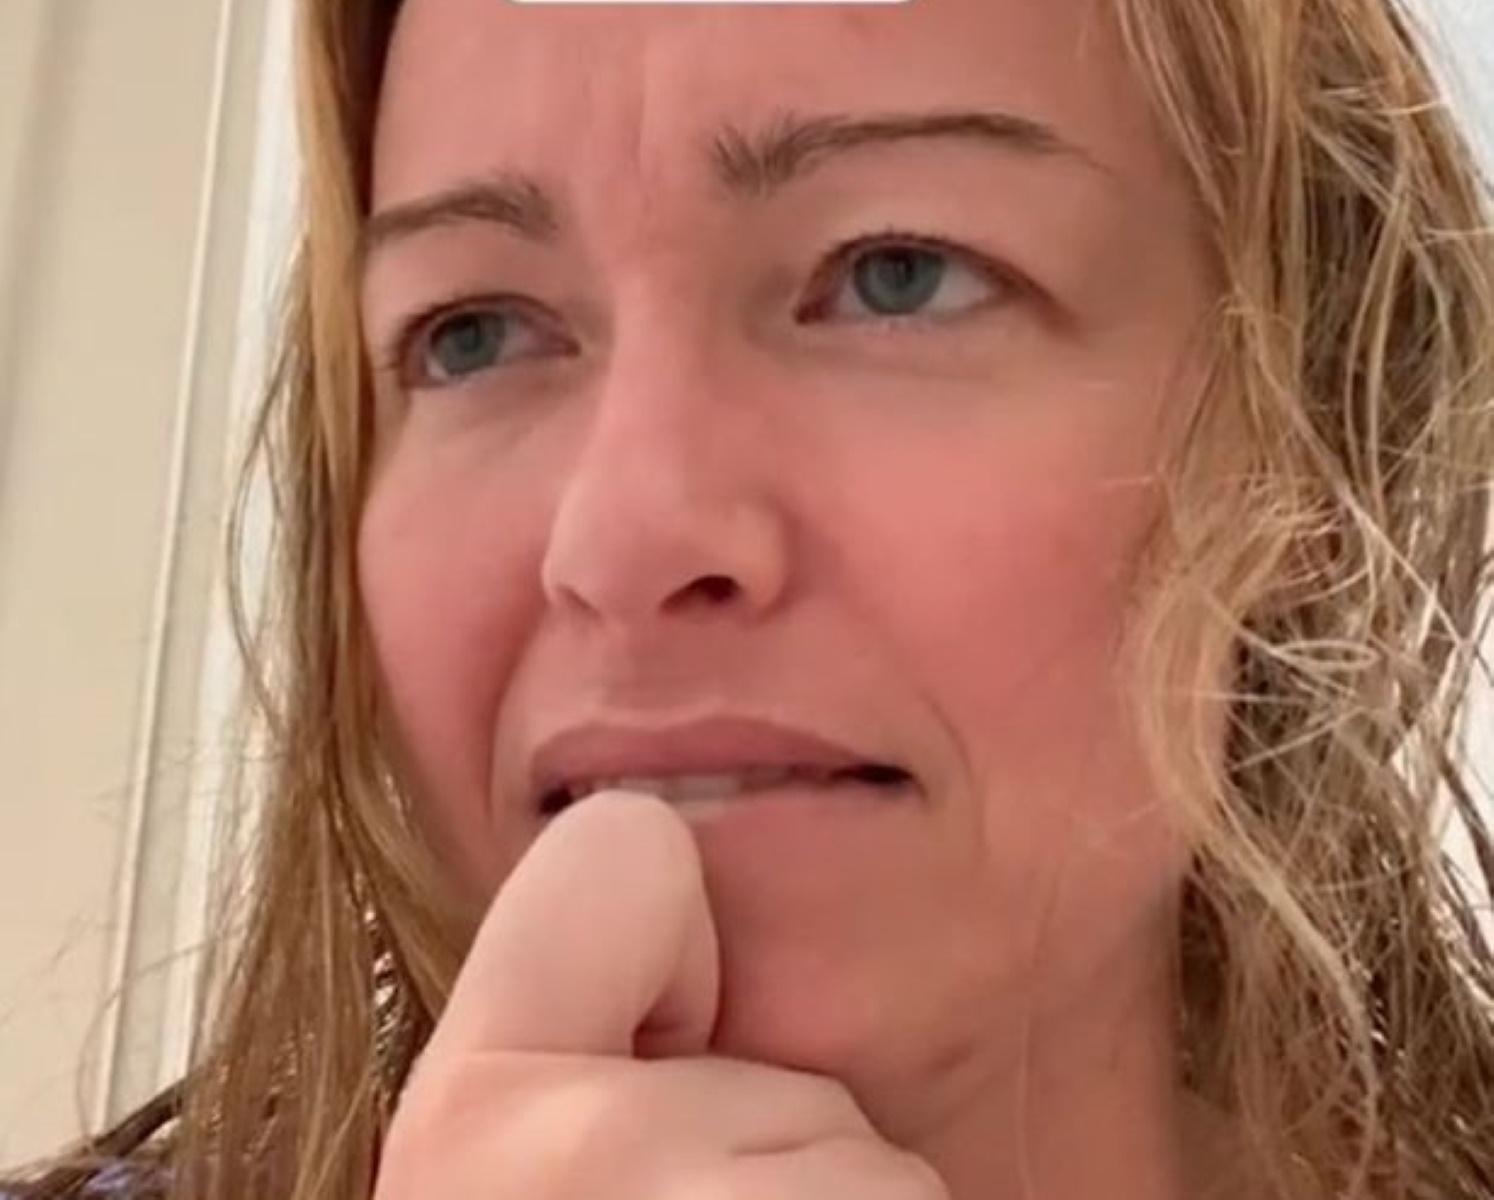 Ανατριχιαστικό video: Άκουσε την κόρη της να μιλά με φάντασμα